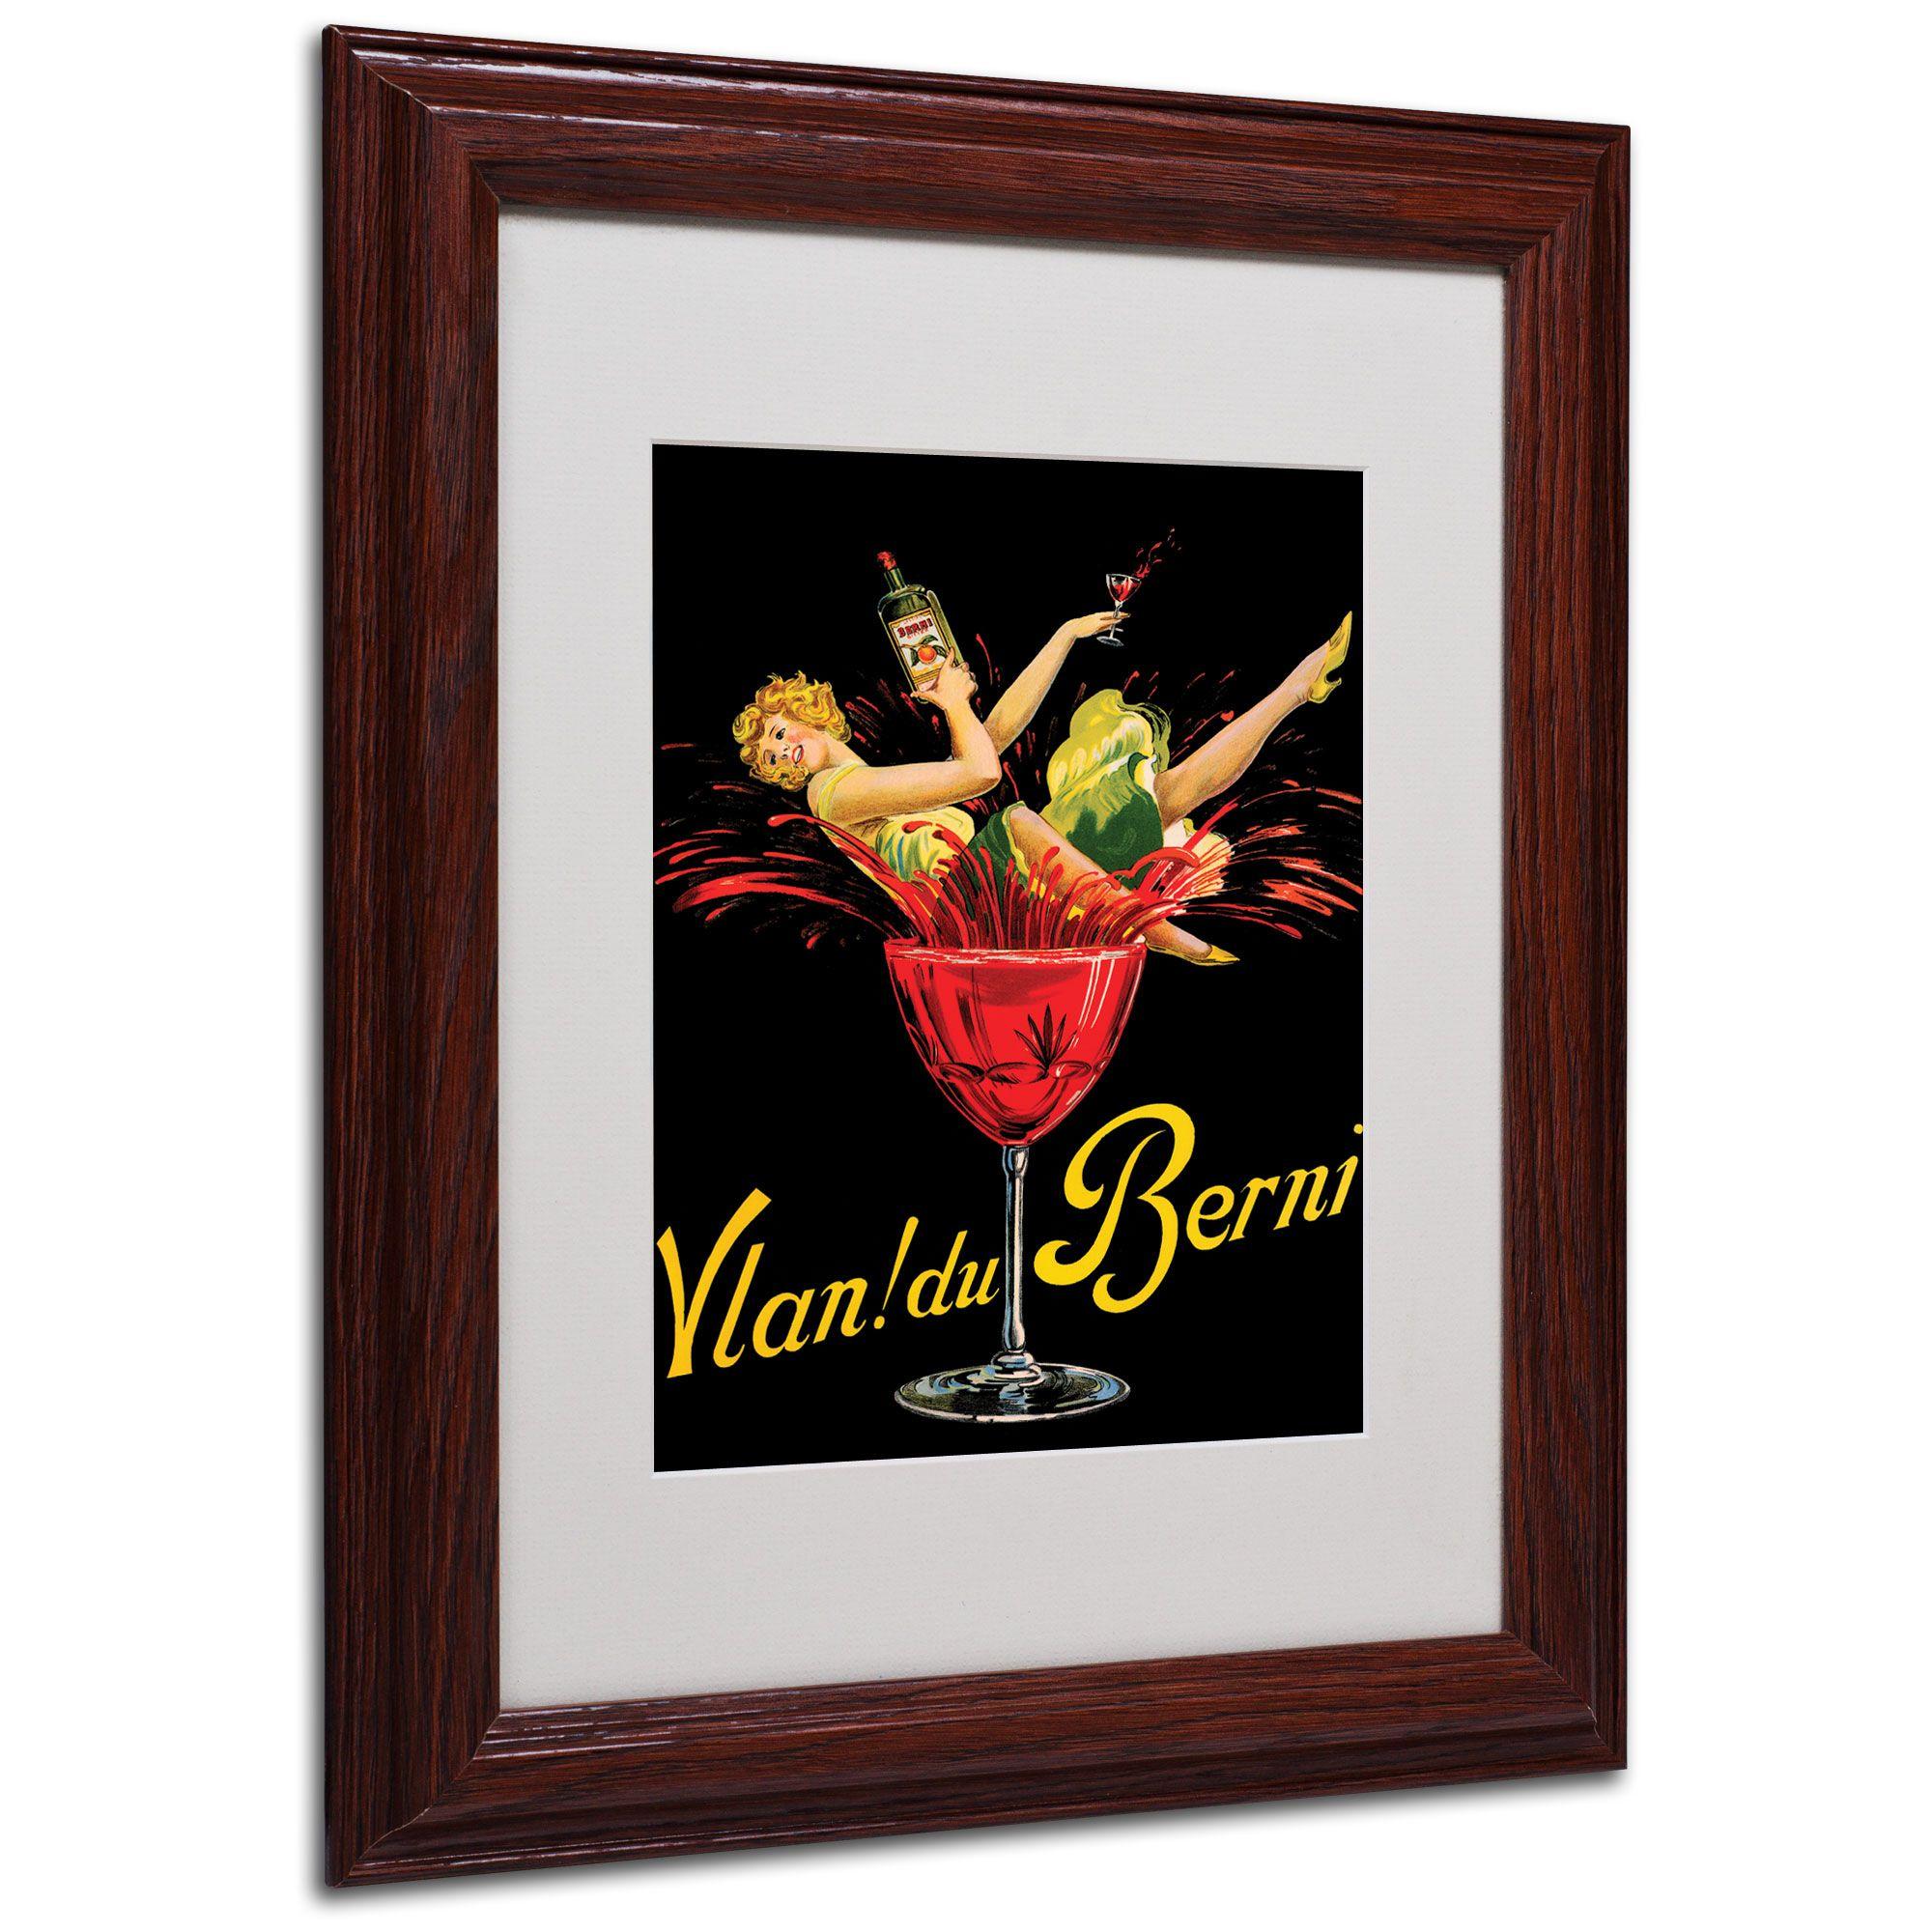 """Trademark Fine Art Vlan du Berni' 8"""" x 10"""" Matted Framed Art"""